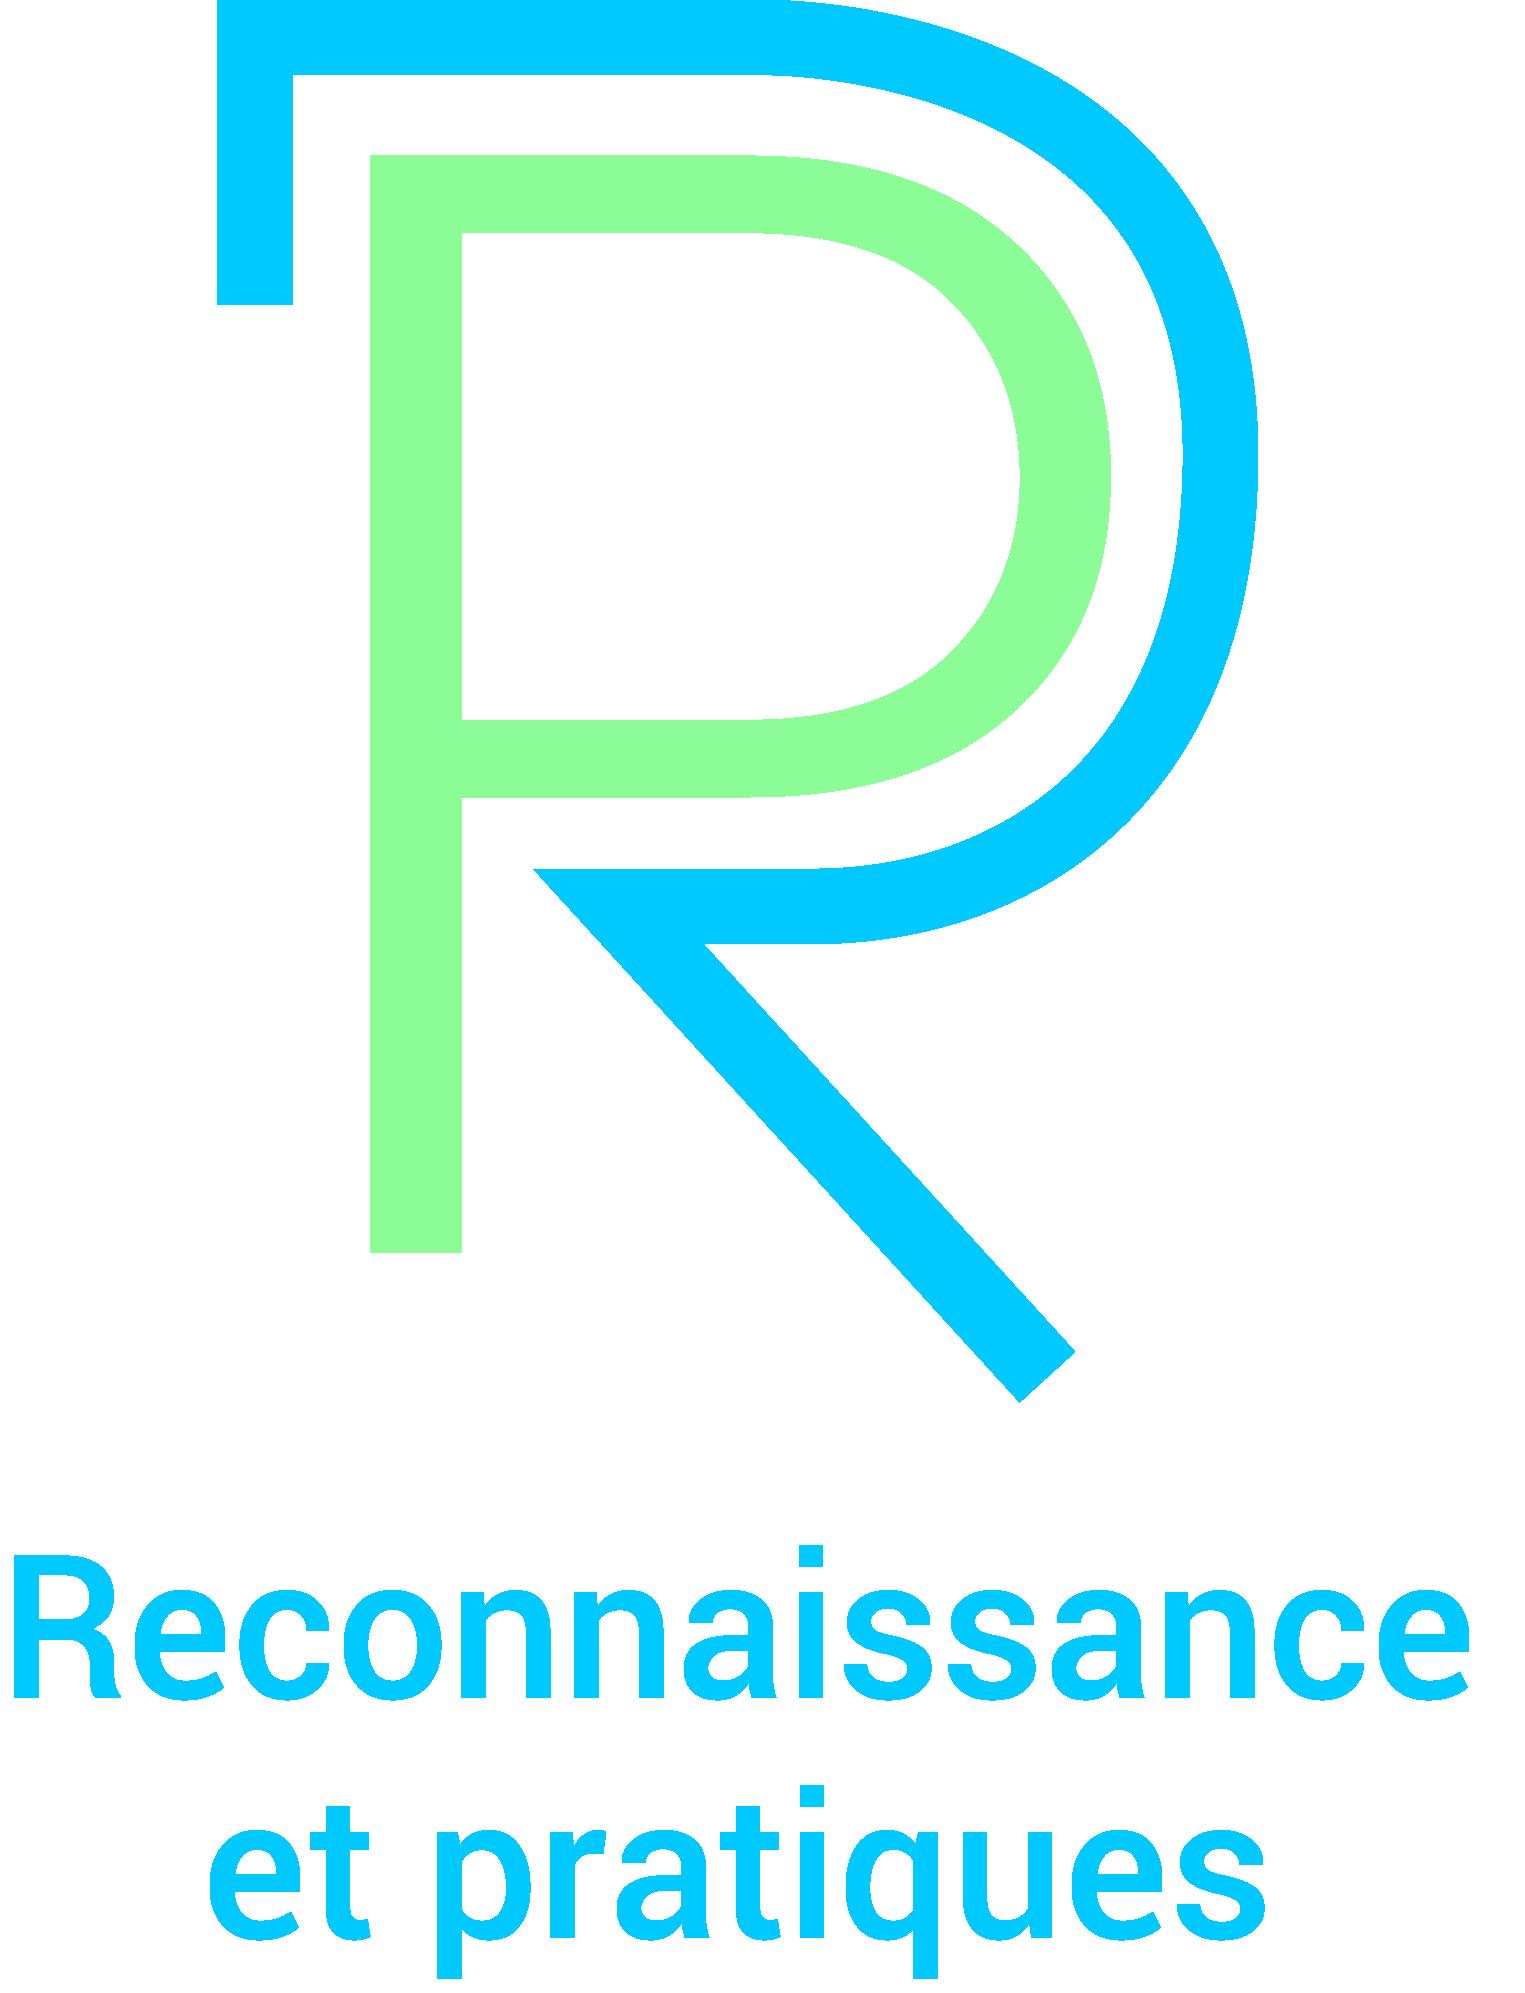 Reconnaissance et pratiques